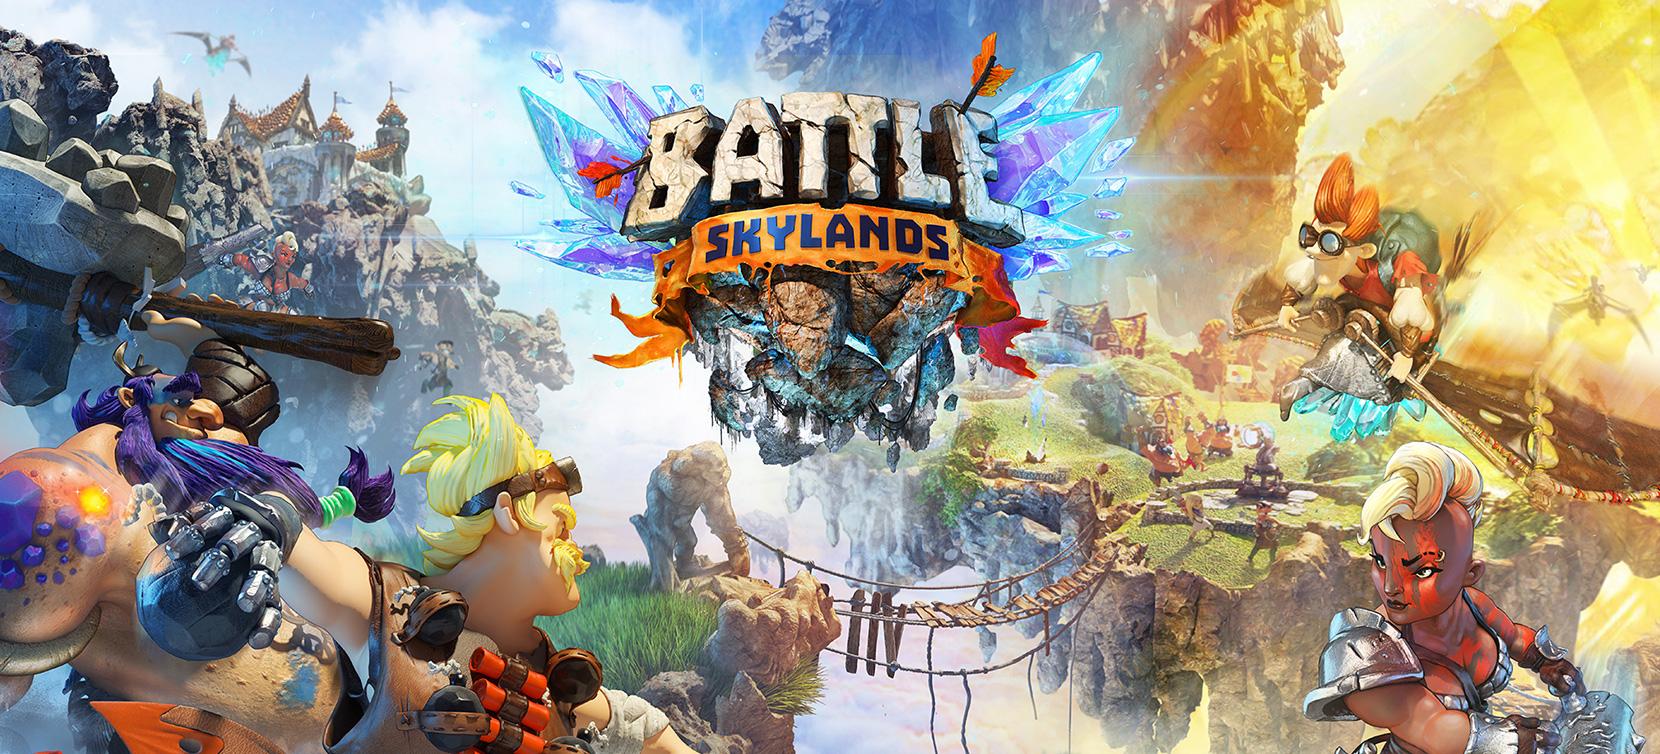 Battle Skylands - Loading Screen